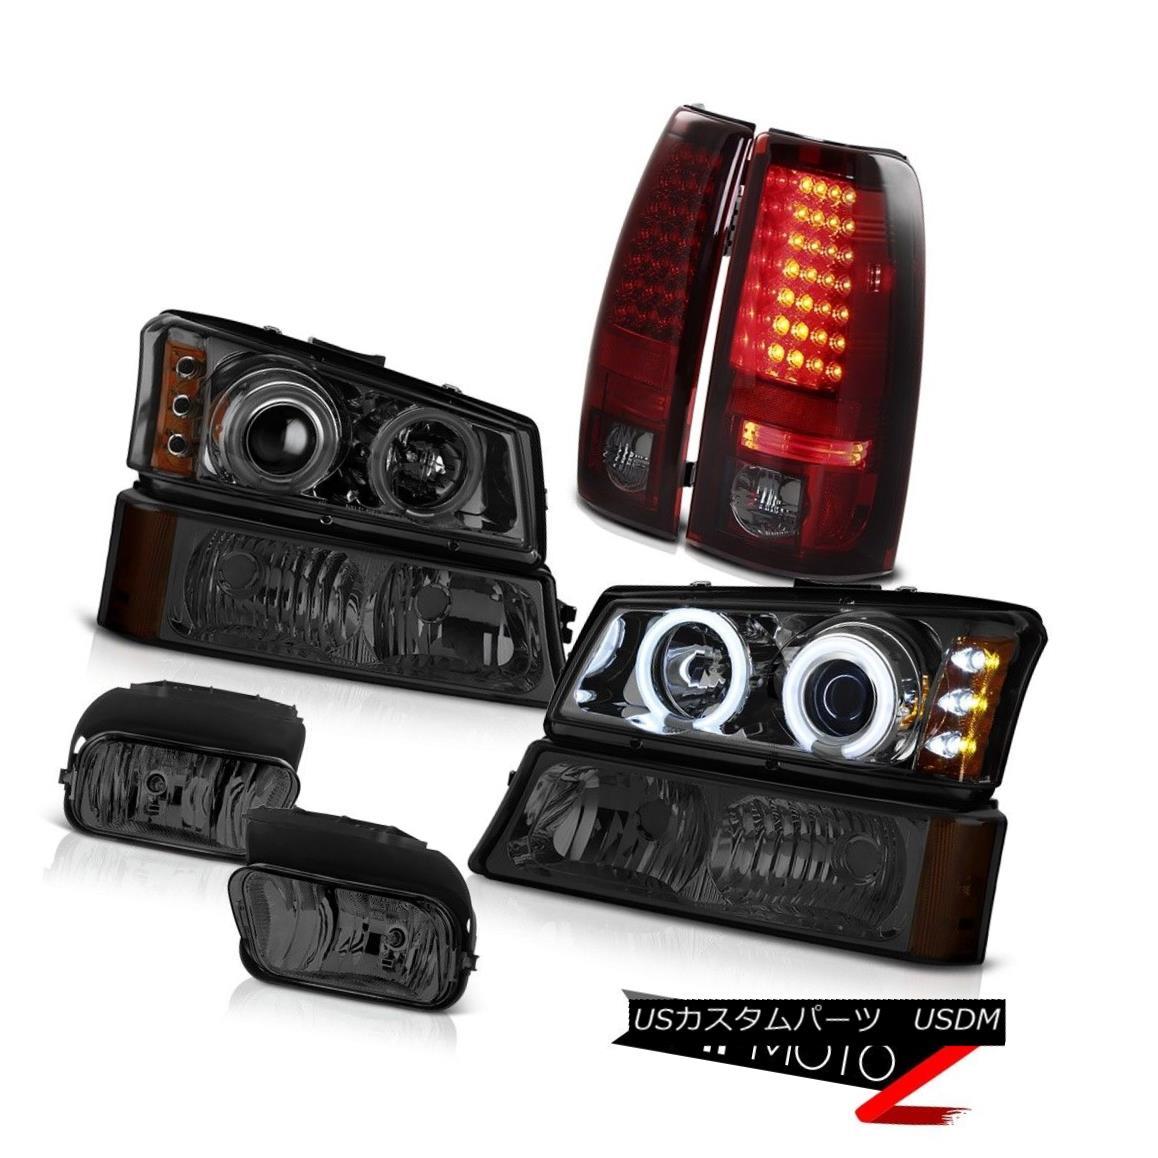 テールライト Dual CCFL Halo Headlight SMD LED Brake Lights Foglamps 03 04 05 06 Silverado LTZ デュアルCCFL HaloヘッドライトSMD LEDブレーキライトFoglamps 03 04 05 06 Silverado LTZ